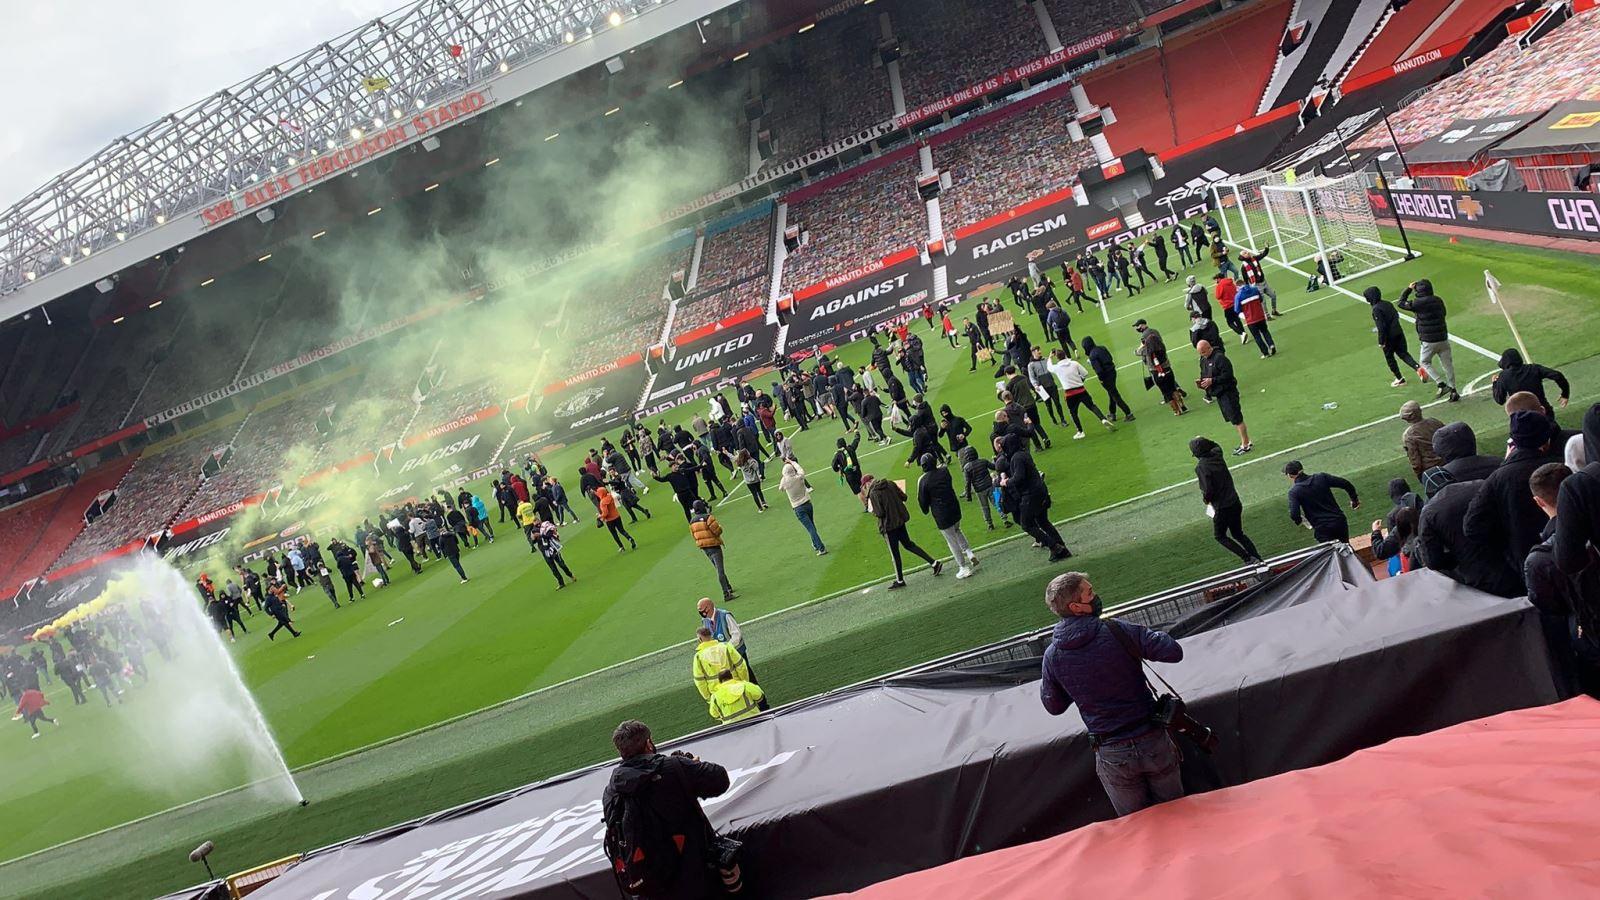 MU vs Liverpool hoãn, CĐV MU làm loạn, CĐV MU biểu tình, trận MU vs Liverpool bị hoãn, trực tiếp MU vs Liverpool, trực tiếp bóng đá Ngoại hạng Anh